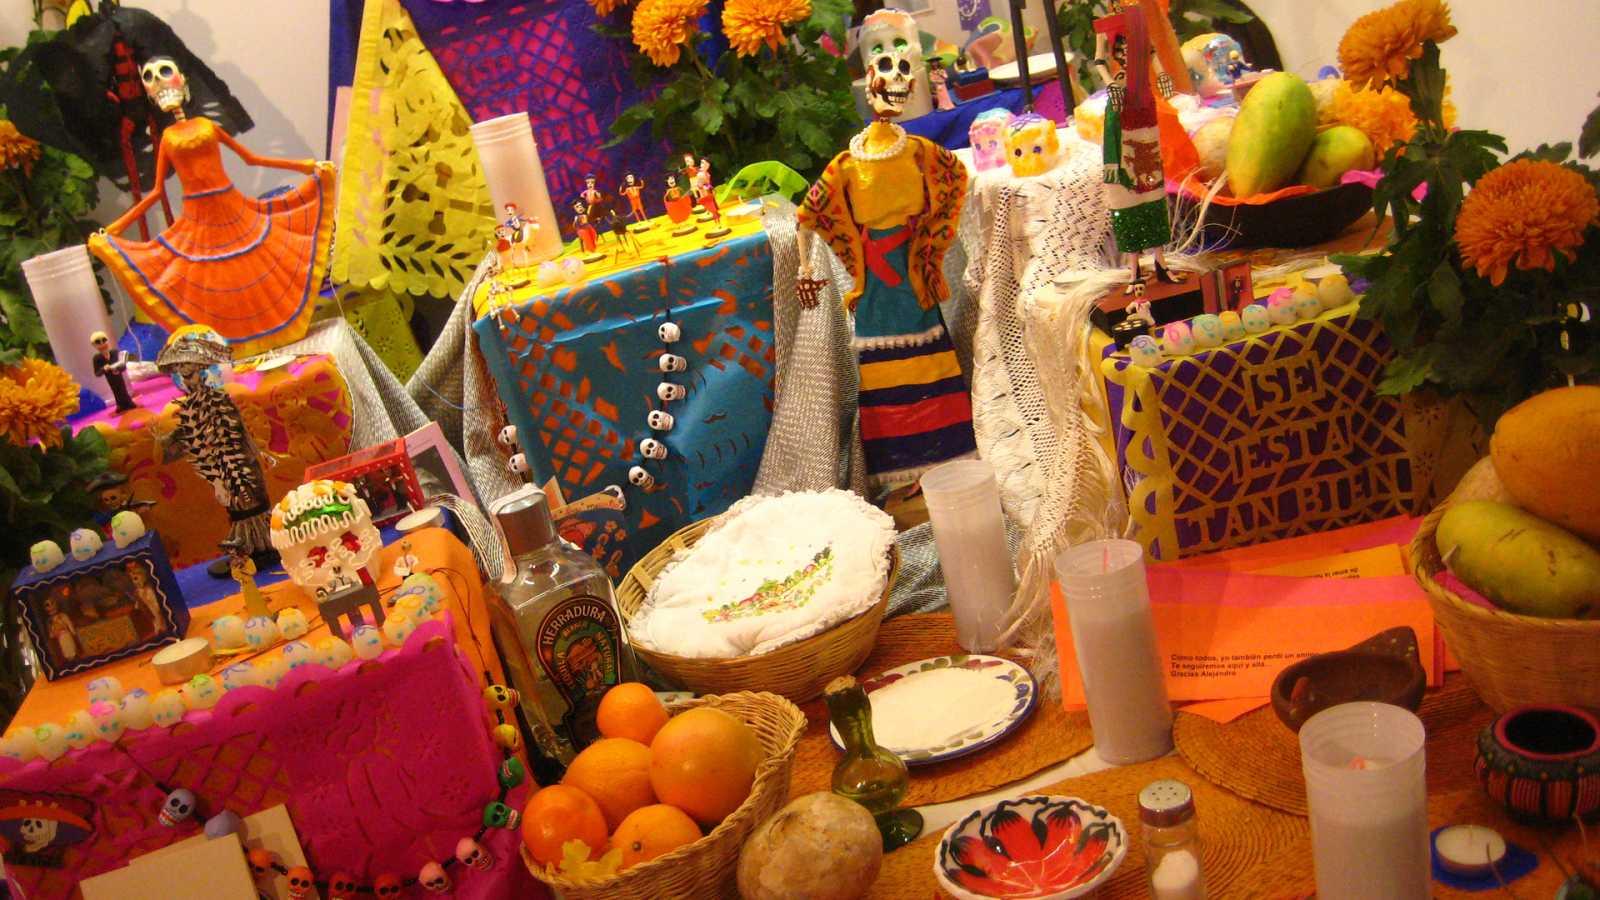 Hora América - La tradición del Altar de Muertos en España - 29/10/20 - escuchar ahora